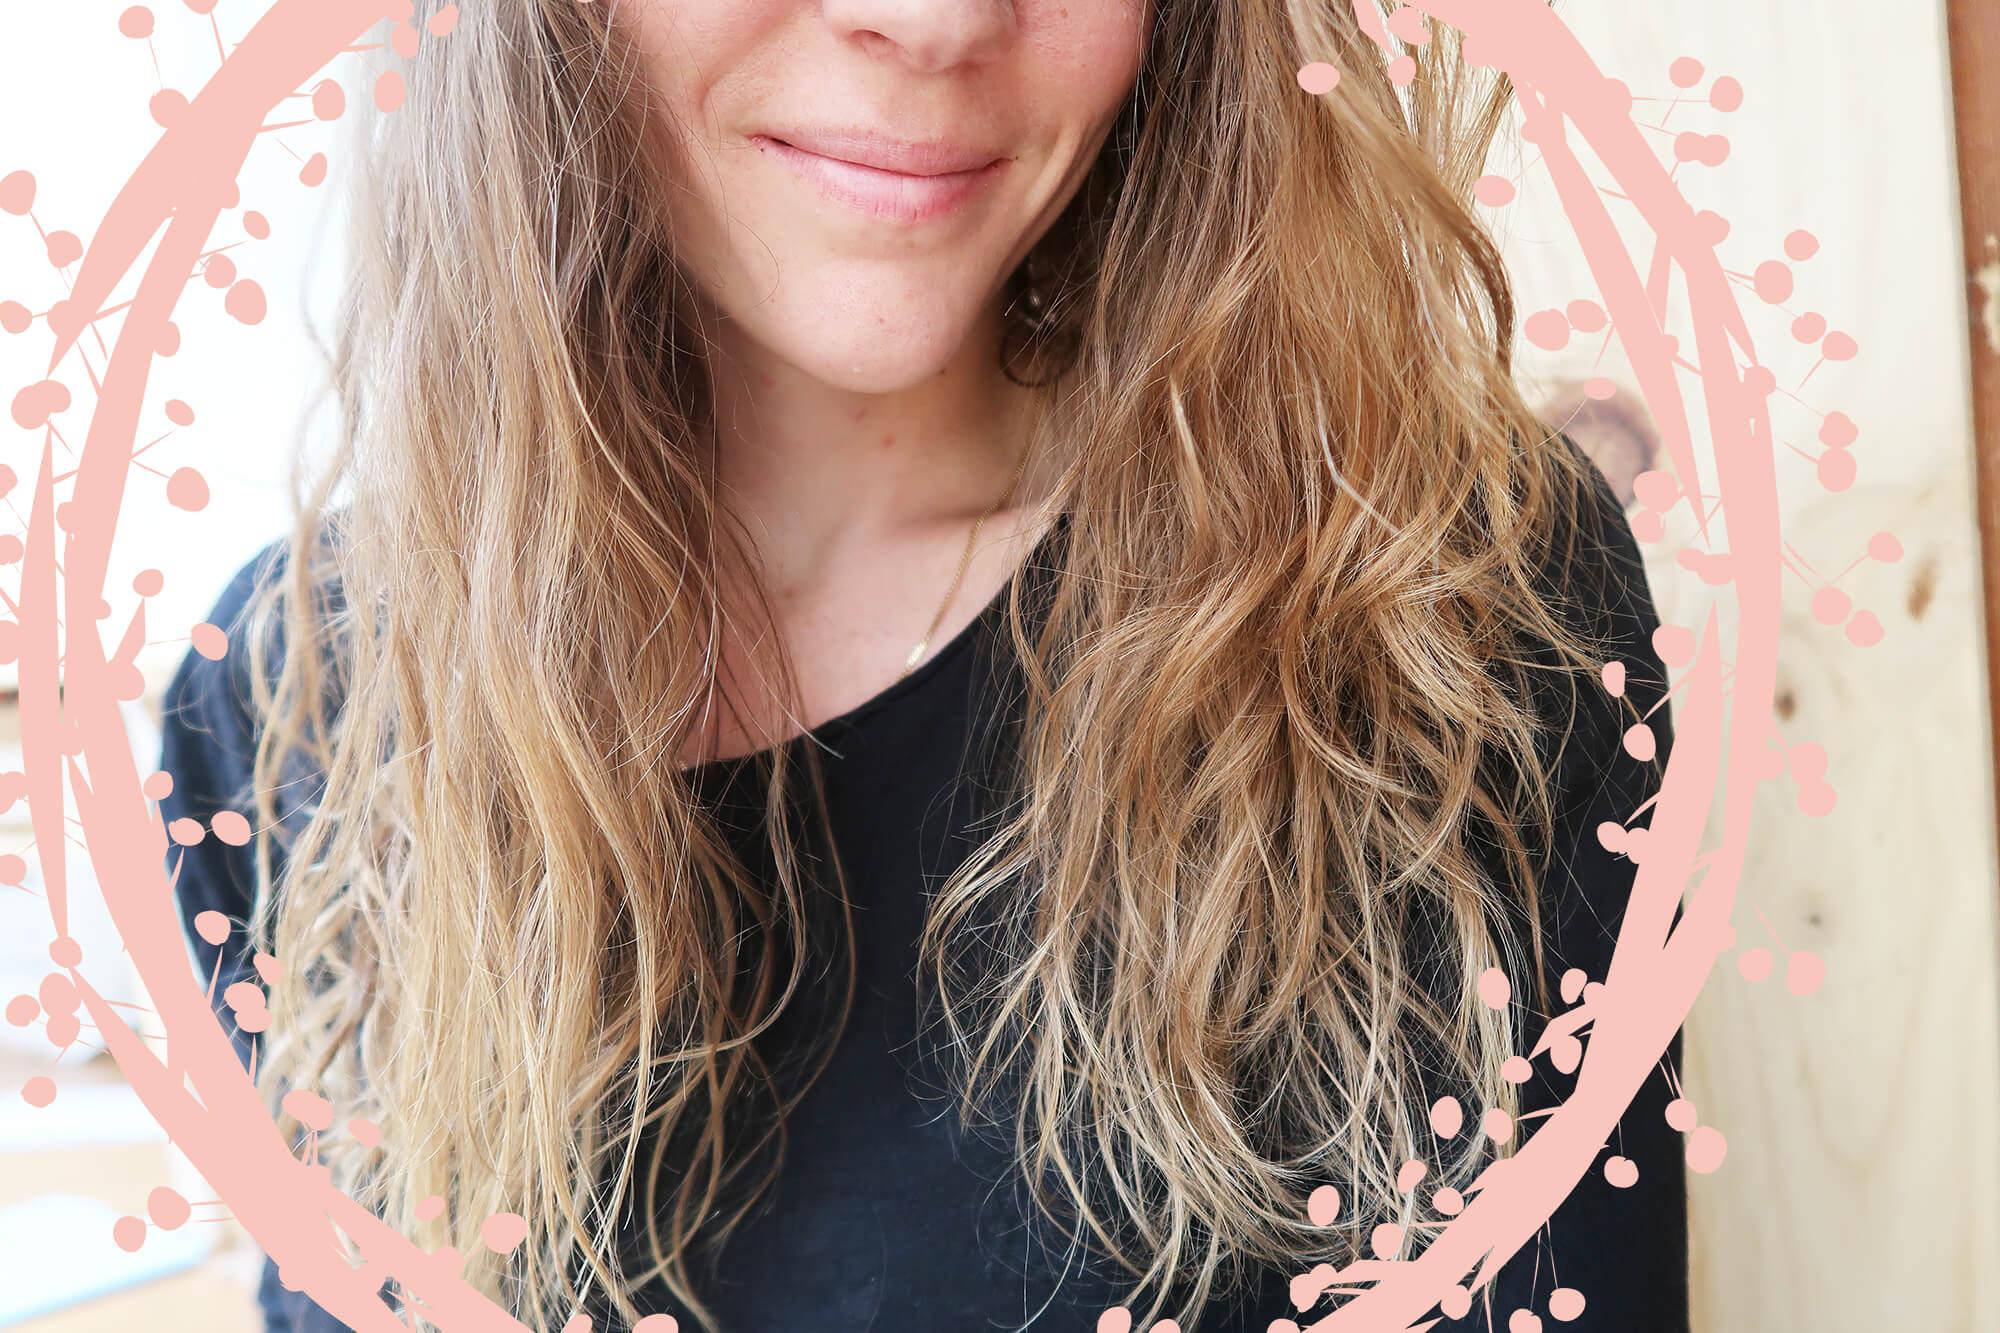 Ma recette du spray pour effet beach hair  Ma recette du spray pour effet beach hair  Ma recette du spray pour effet beach hair  Ma recette du spray pour effet beach hair  Ma recette du spray pour effet beach hair  Ma recette du spray pour effet beach hair  Ma recette du spray pour effet beach hair  Ma recette du spray pour effet beach hair  Ma recette du spray pour effet beach hair  Ma recette du spray pour effet beach hair